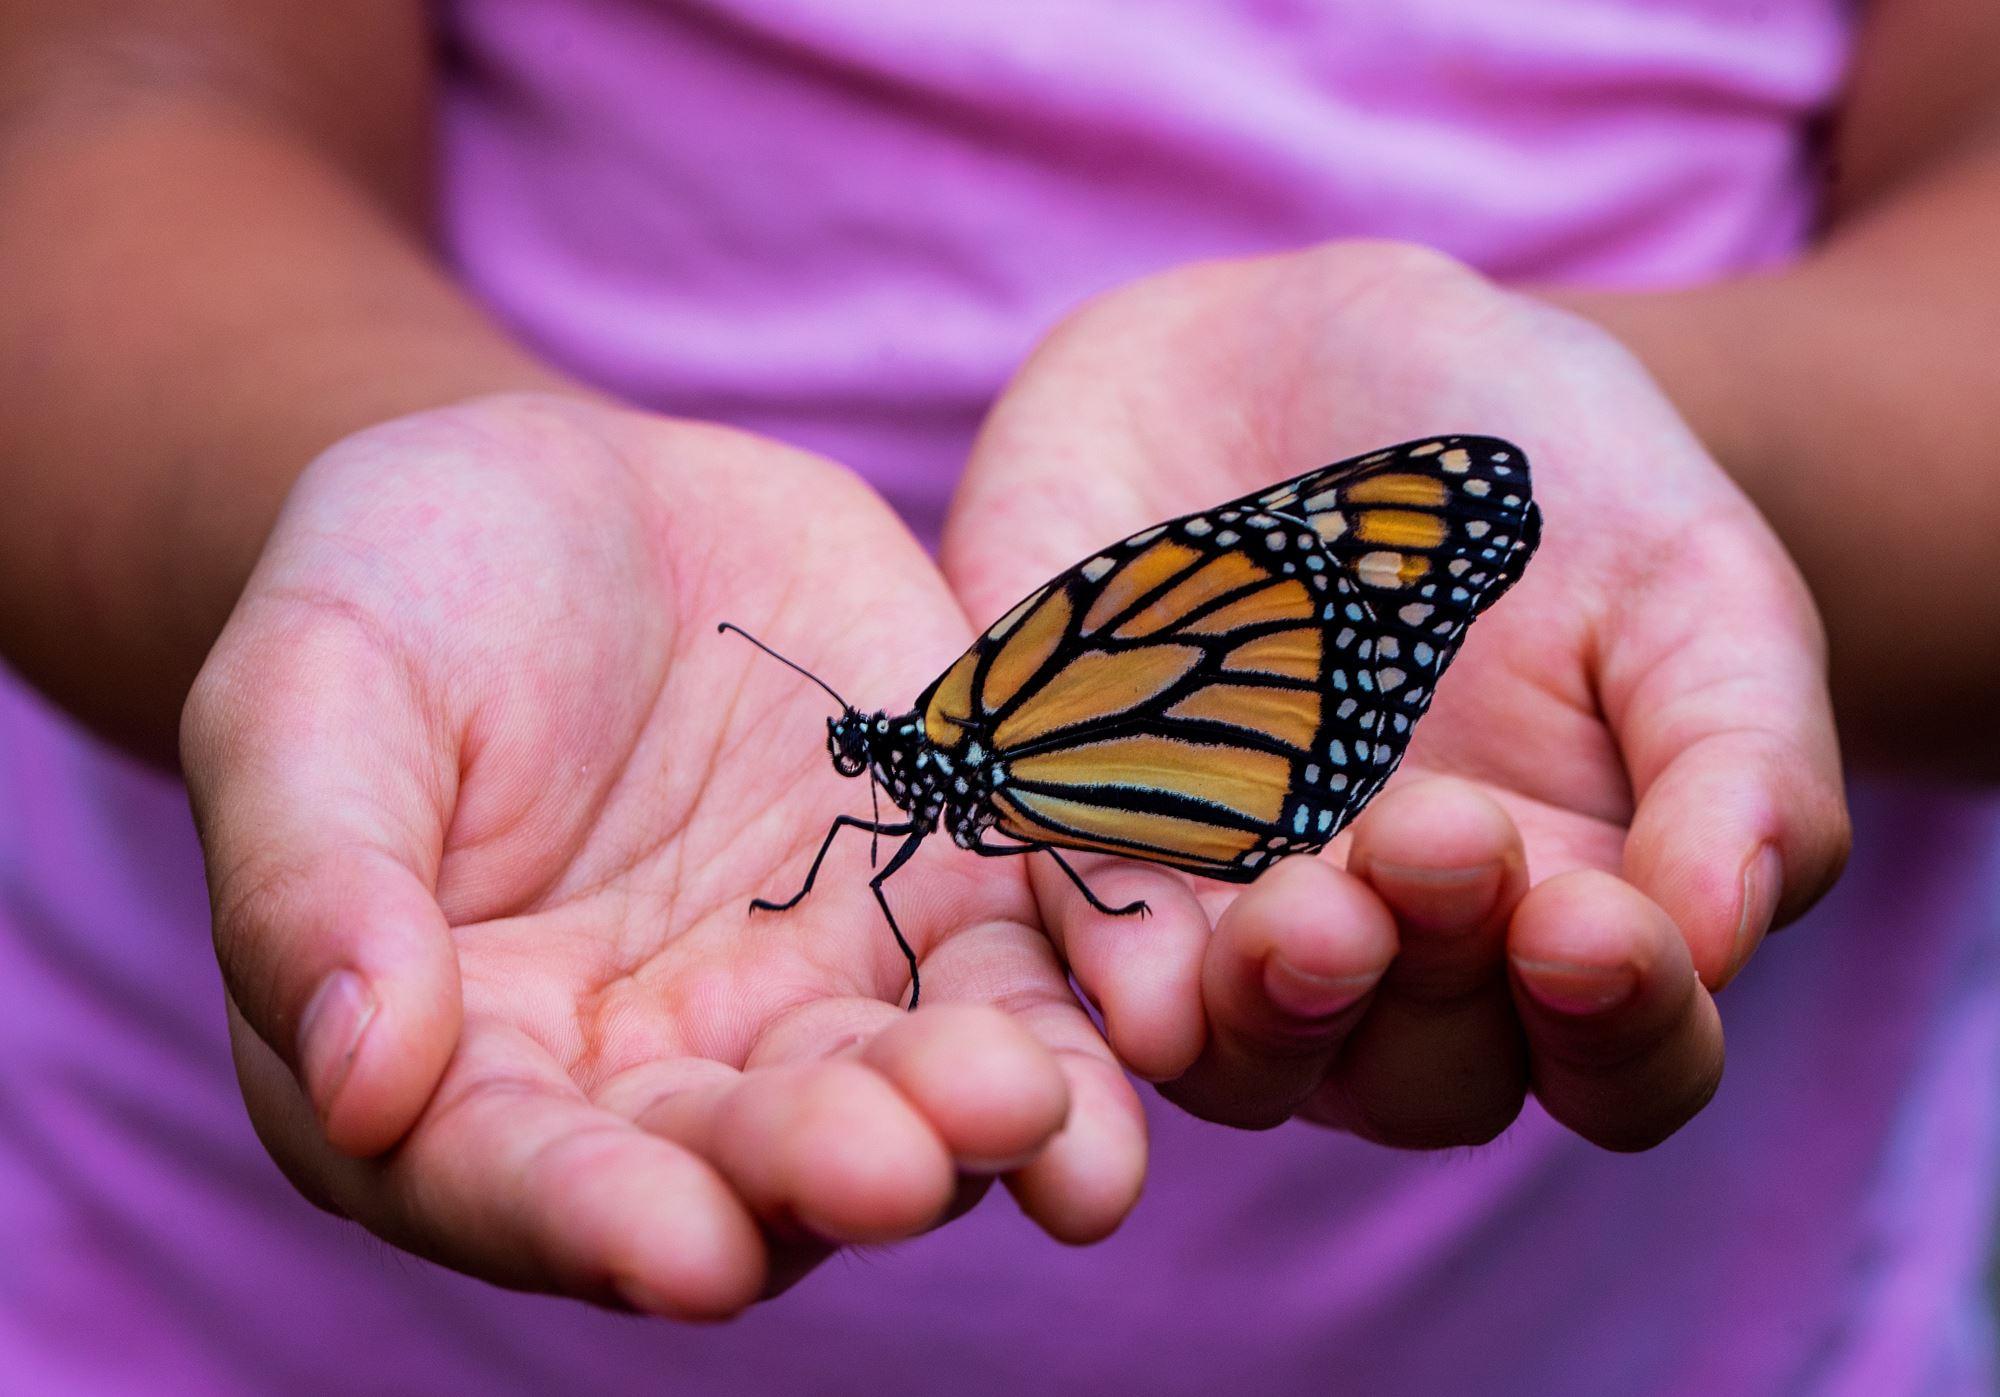 Monarch Butterfly Exhibit